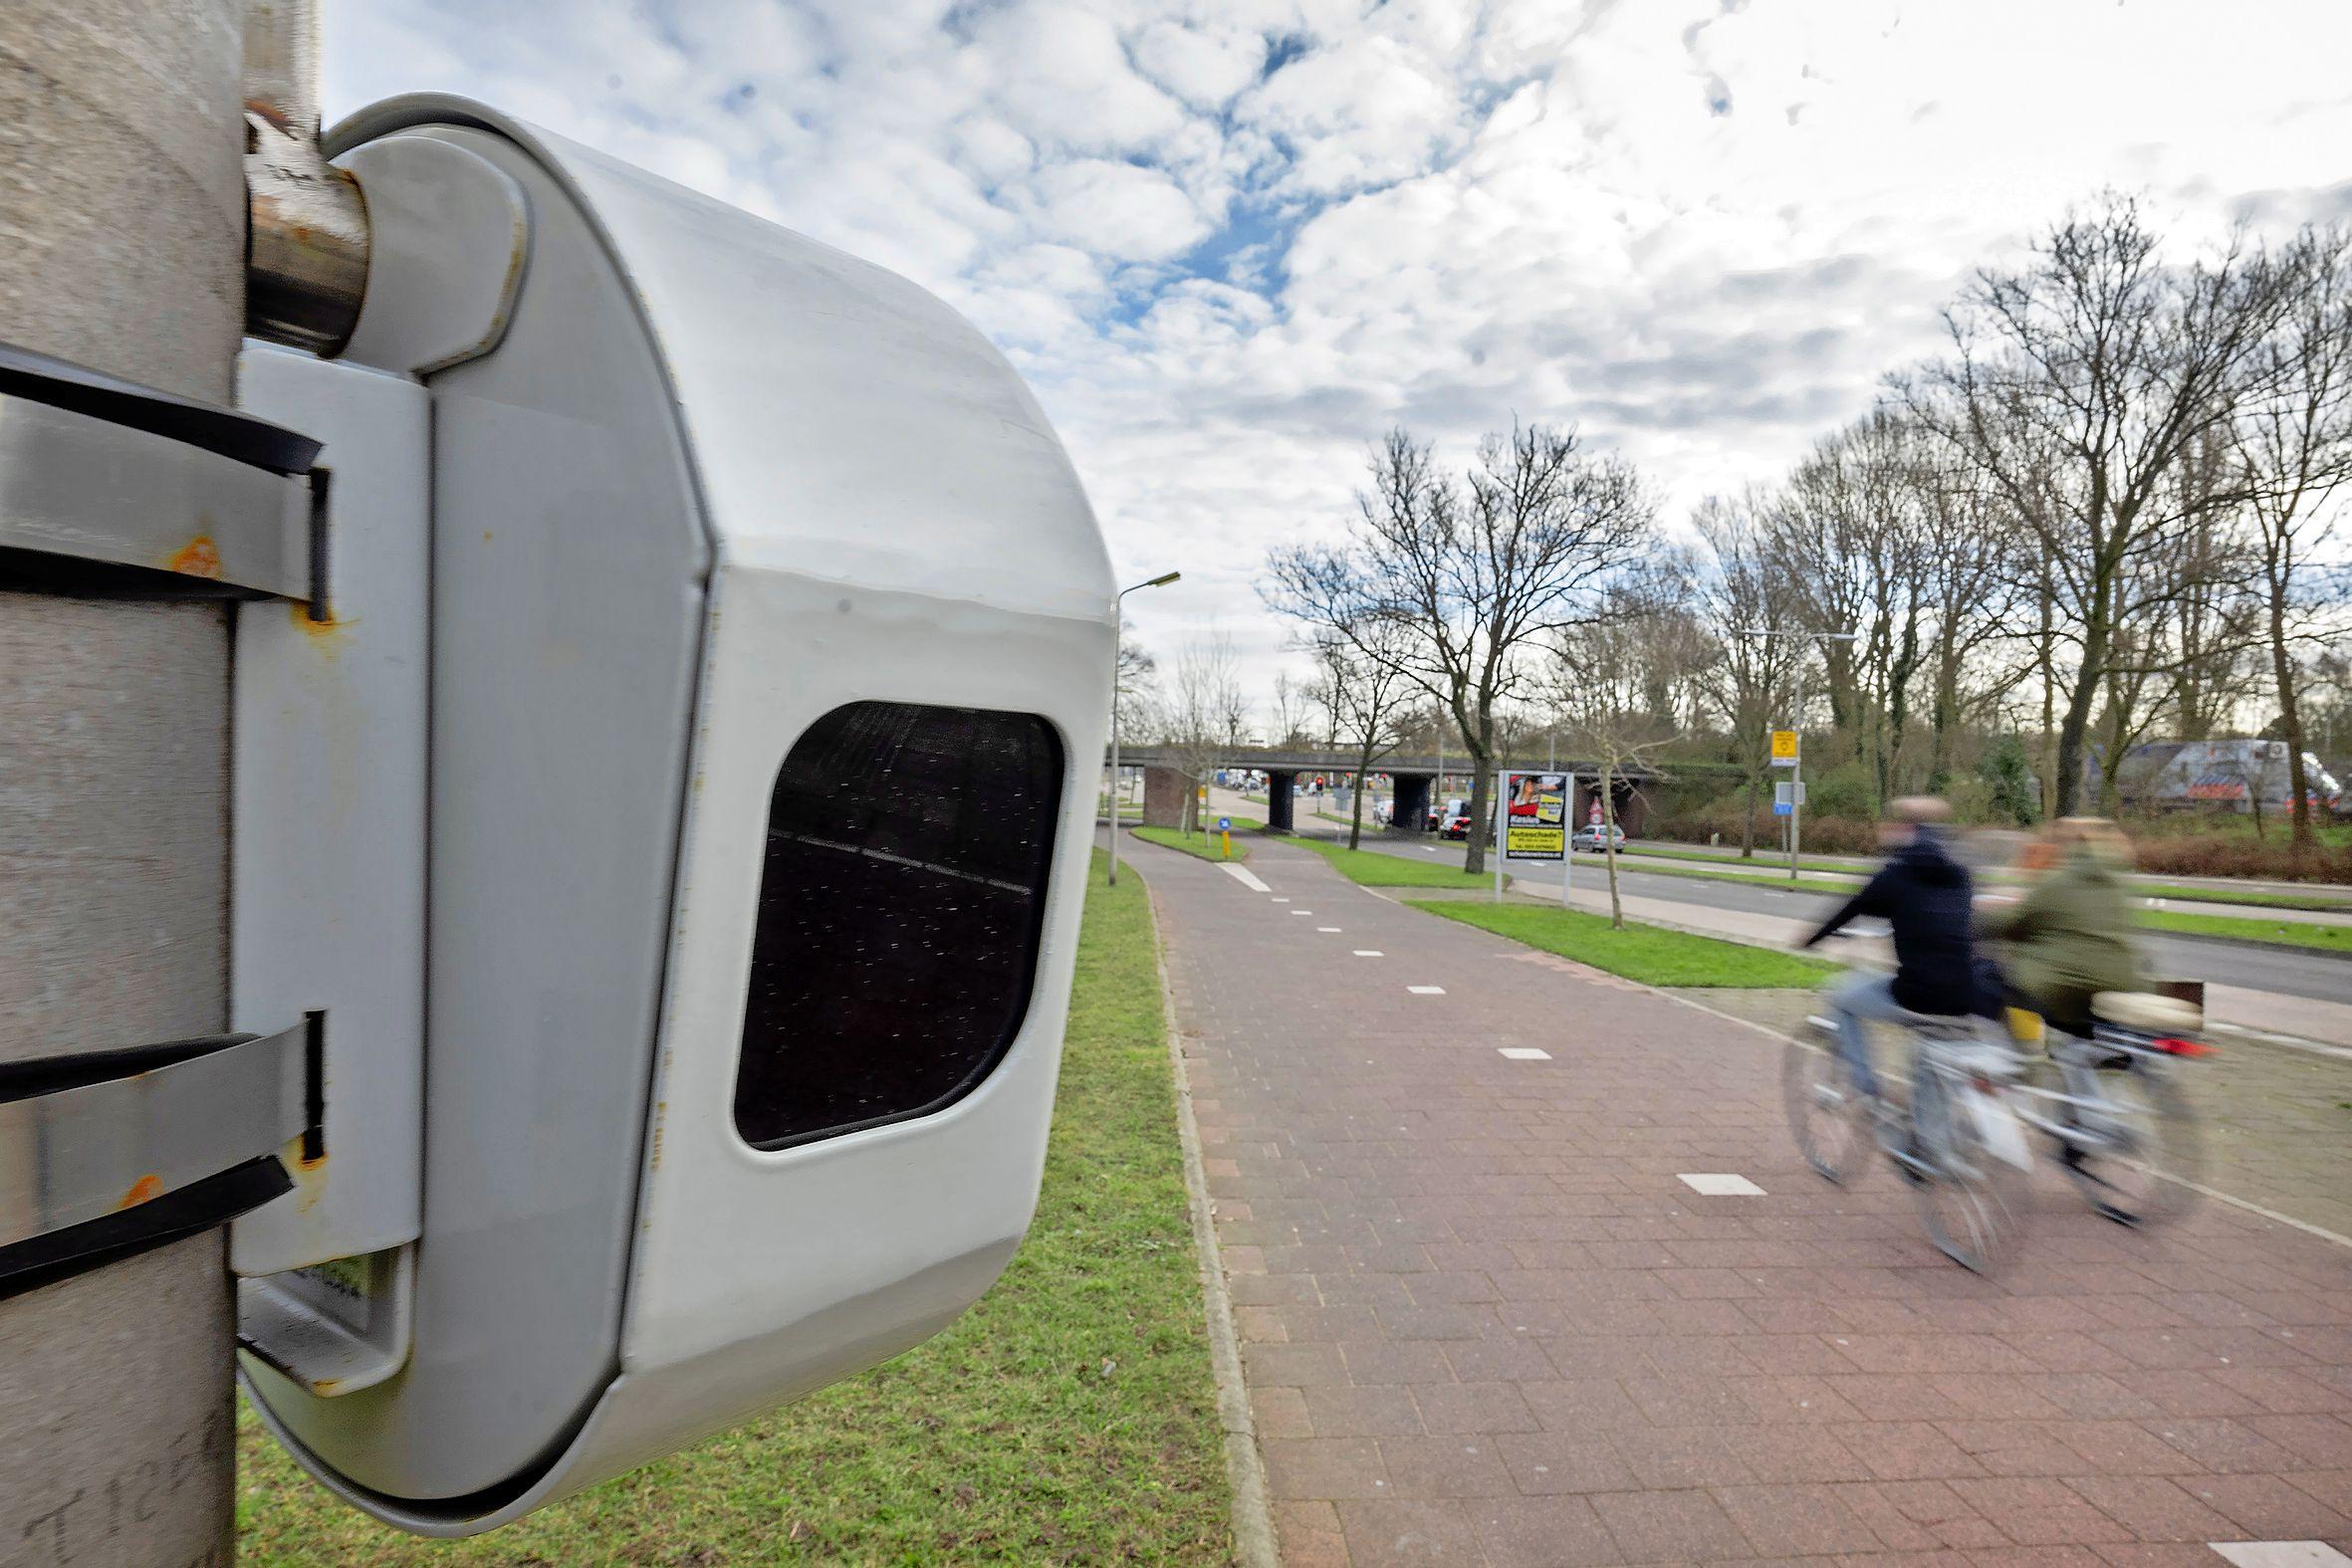 Identiteit fietsers blijft anoniem bij tellers langs fietspad in IJmuiden. 'Het kan alleen vaststellen dat er een object aanwezig is, hoe groot dit object is en hoe snel dit object zich verplaatst, zonder dat daarbij wordt vastgesteld wat voor object dit is'